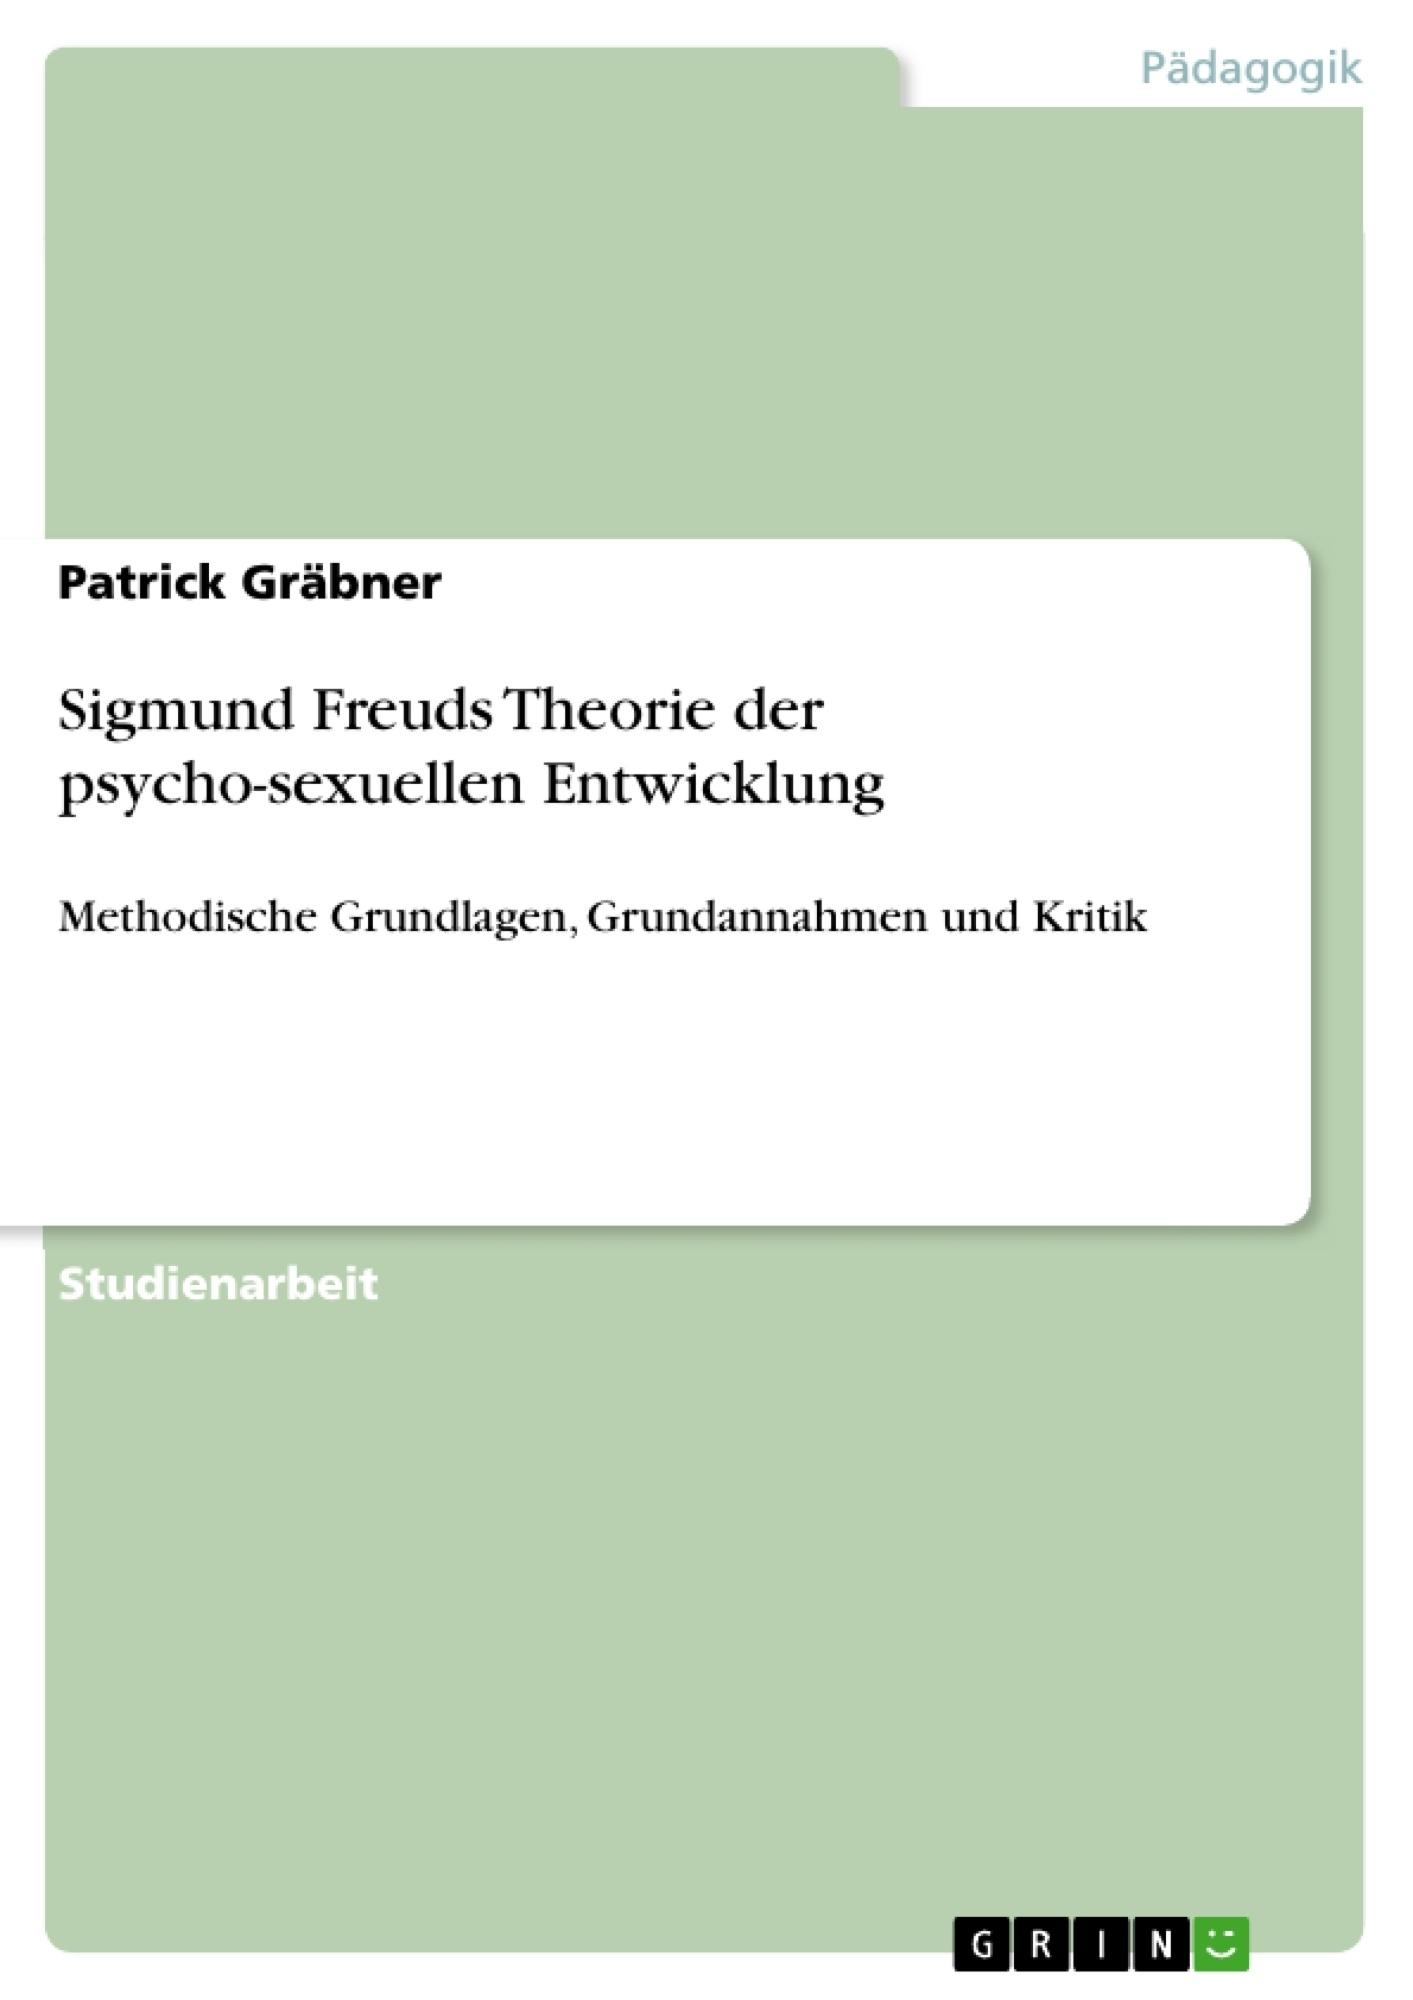 Titel: Sigmund Freuds Theorie der psycho-sexuellen Entwicklung